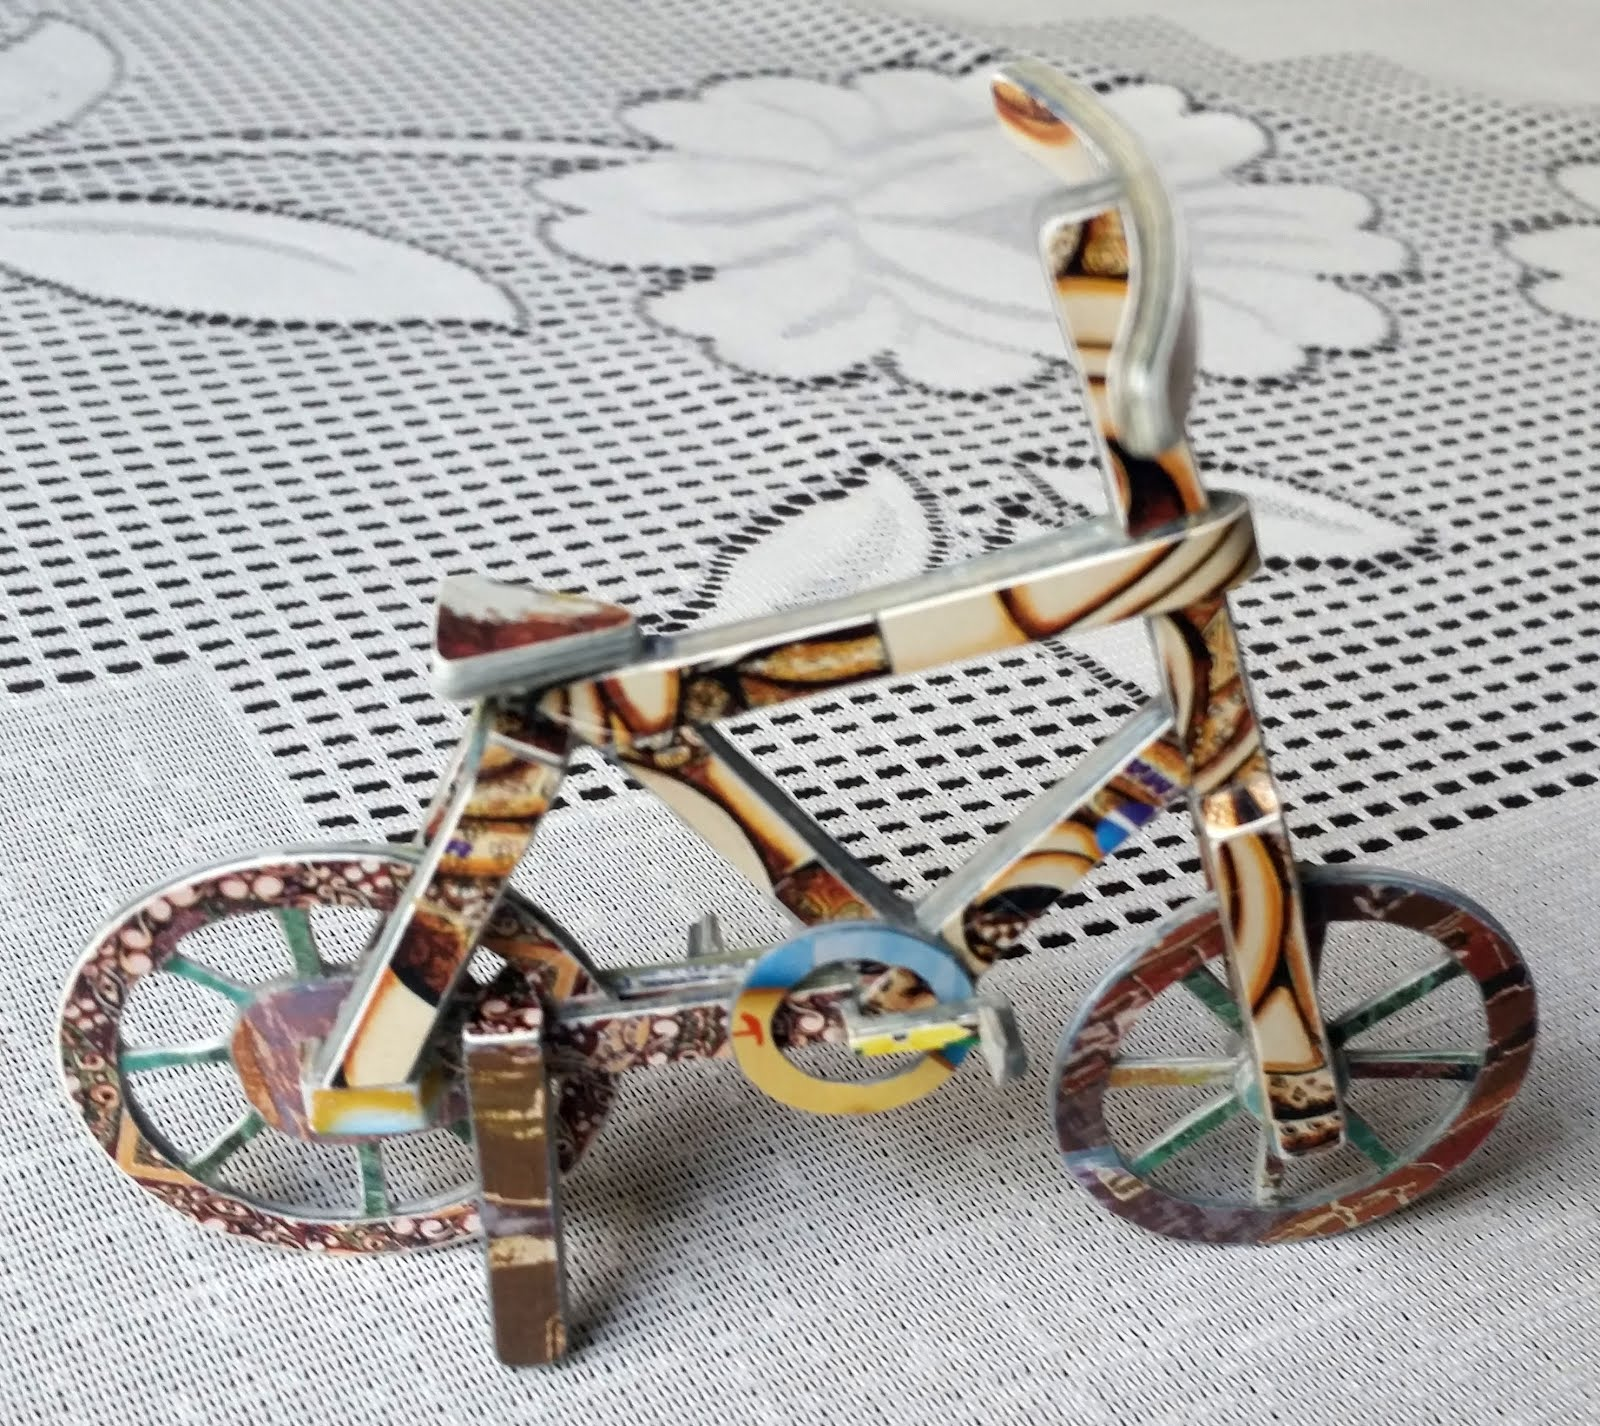 Arte feita com cartão telefônico pelo artesão Charles Meira